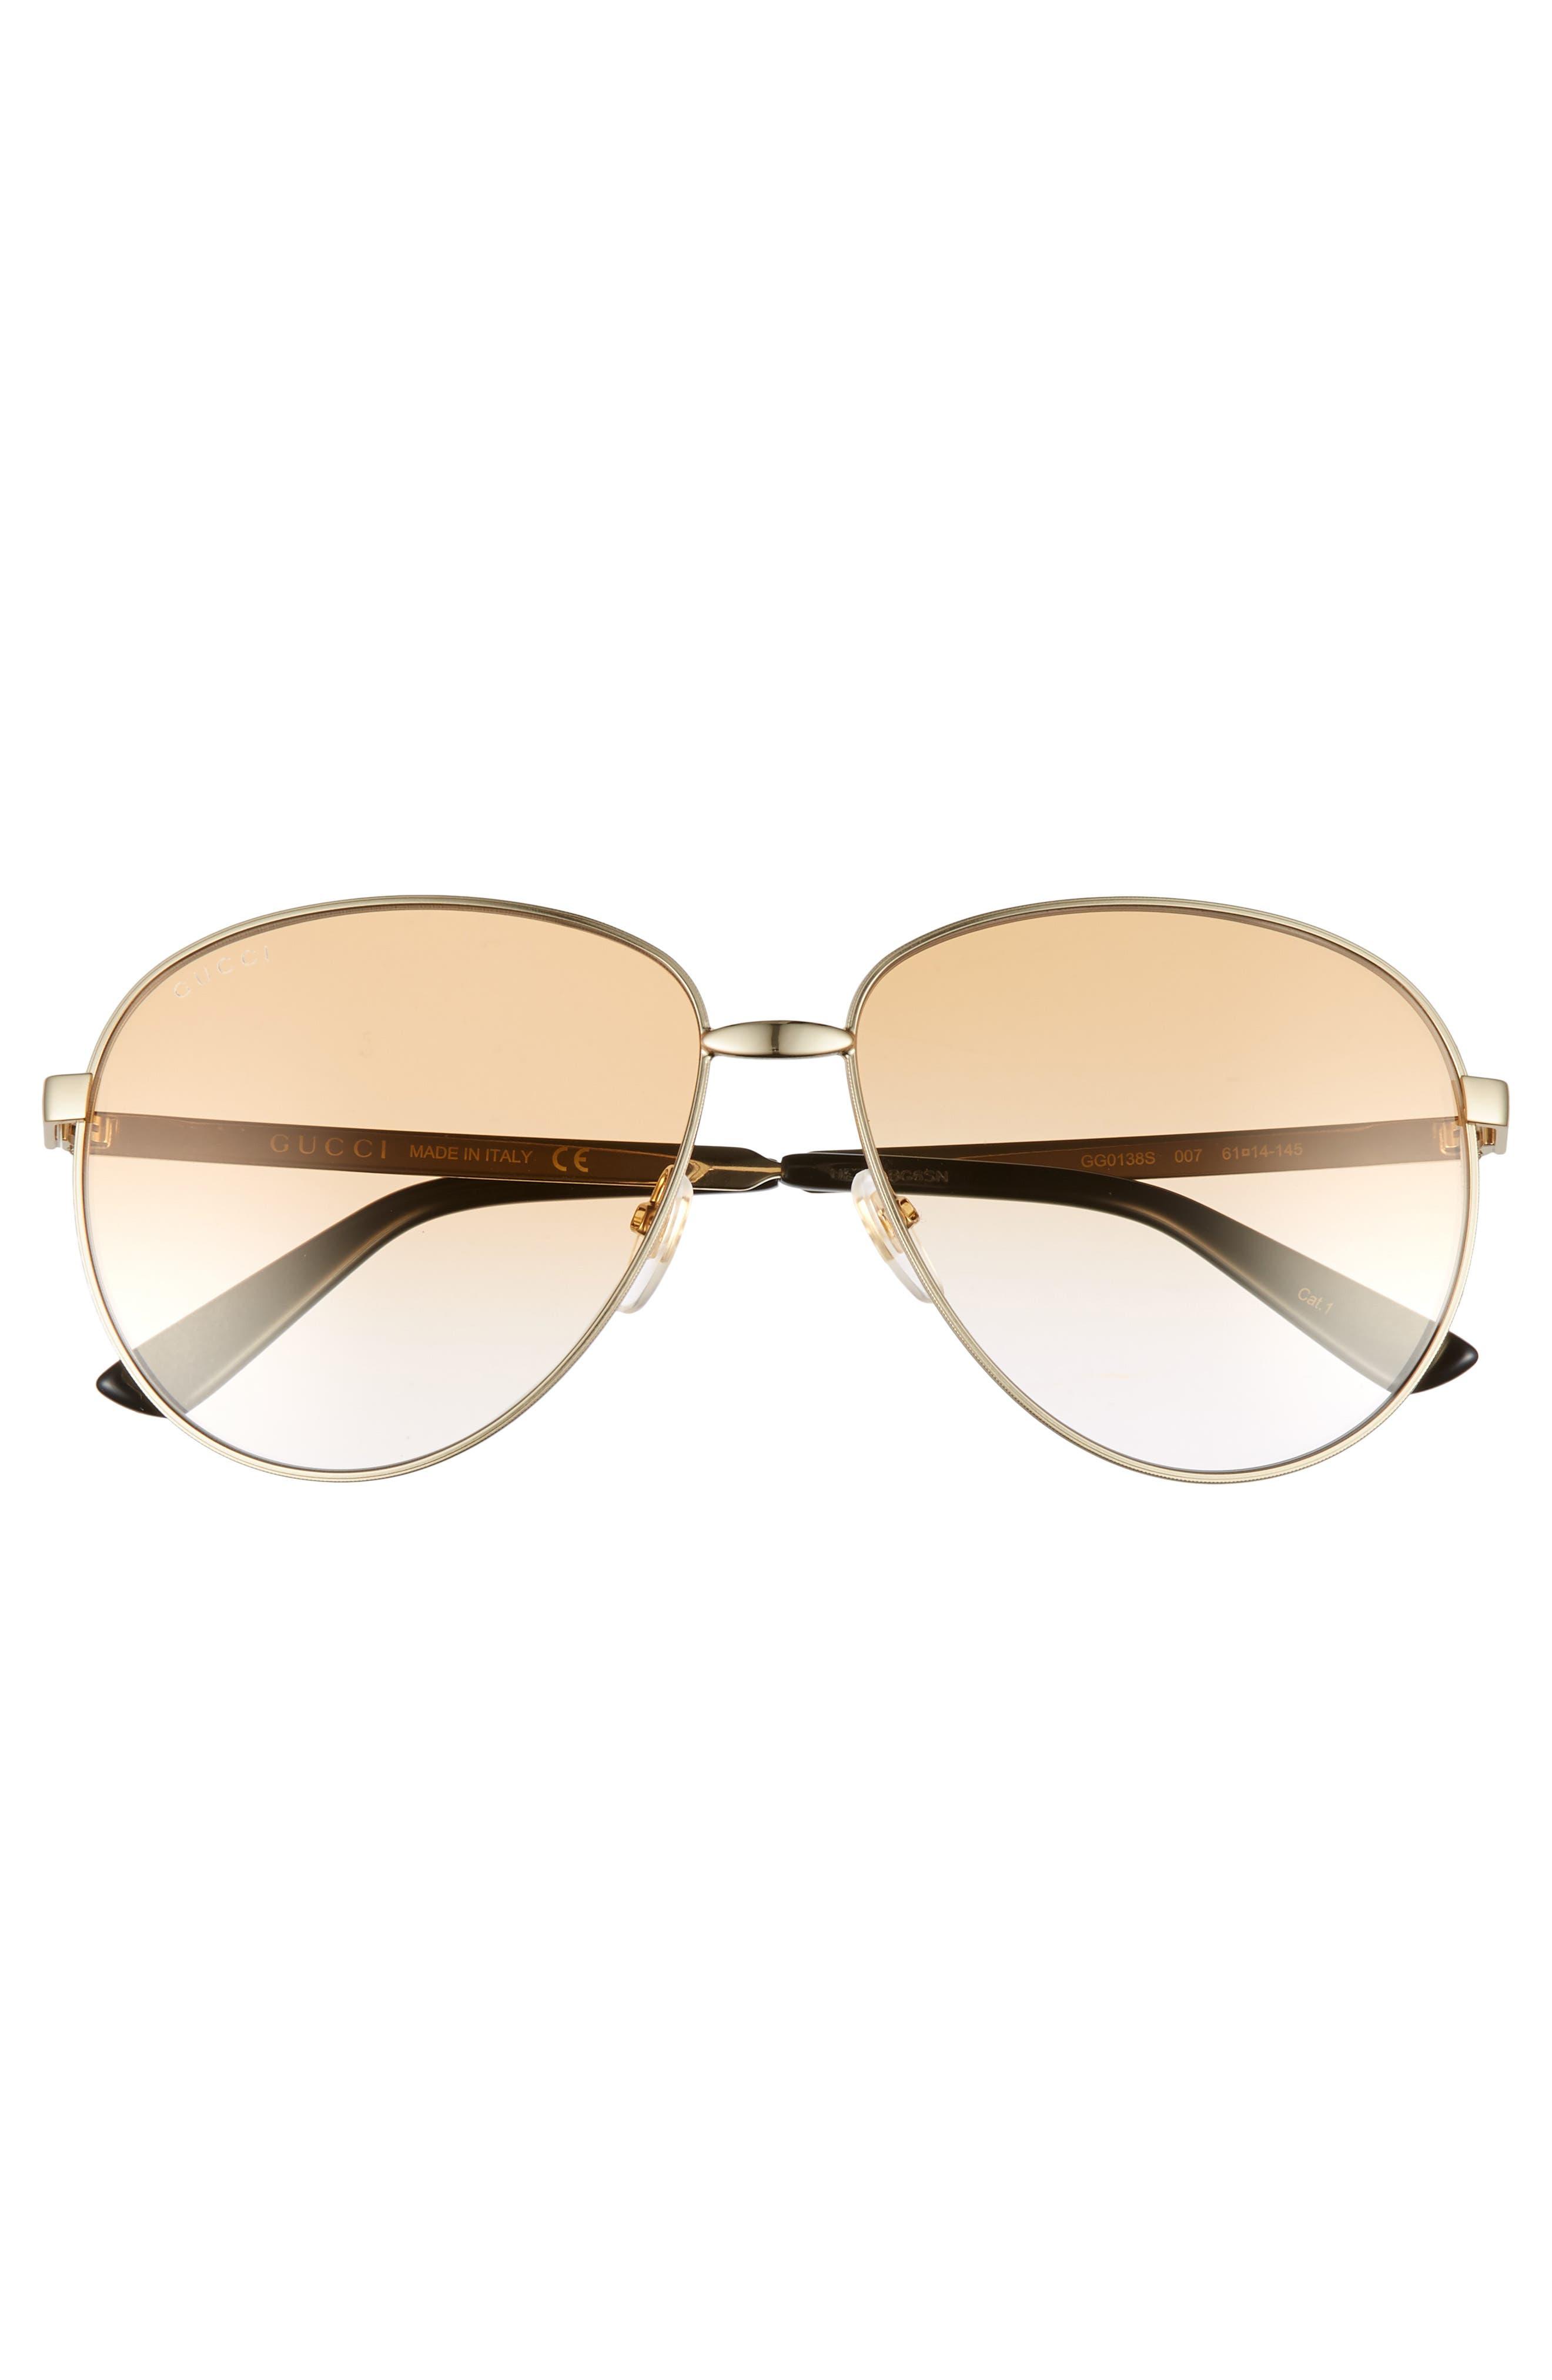 61mm Metal Aviator Sunglasses,                             Alternate thumbnail 3, color,                             GOLD/ BROWN GRADIENT